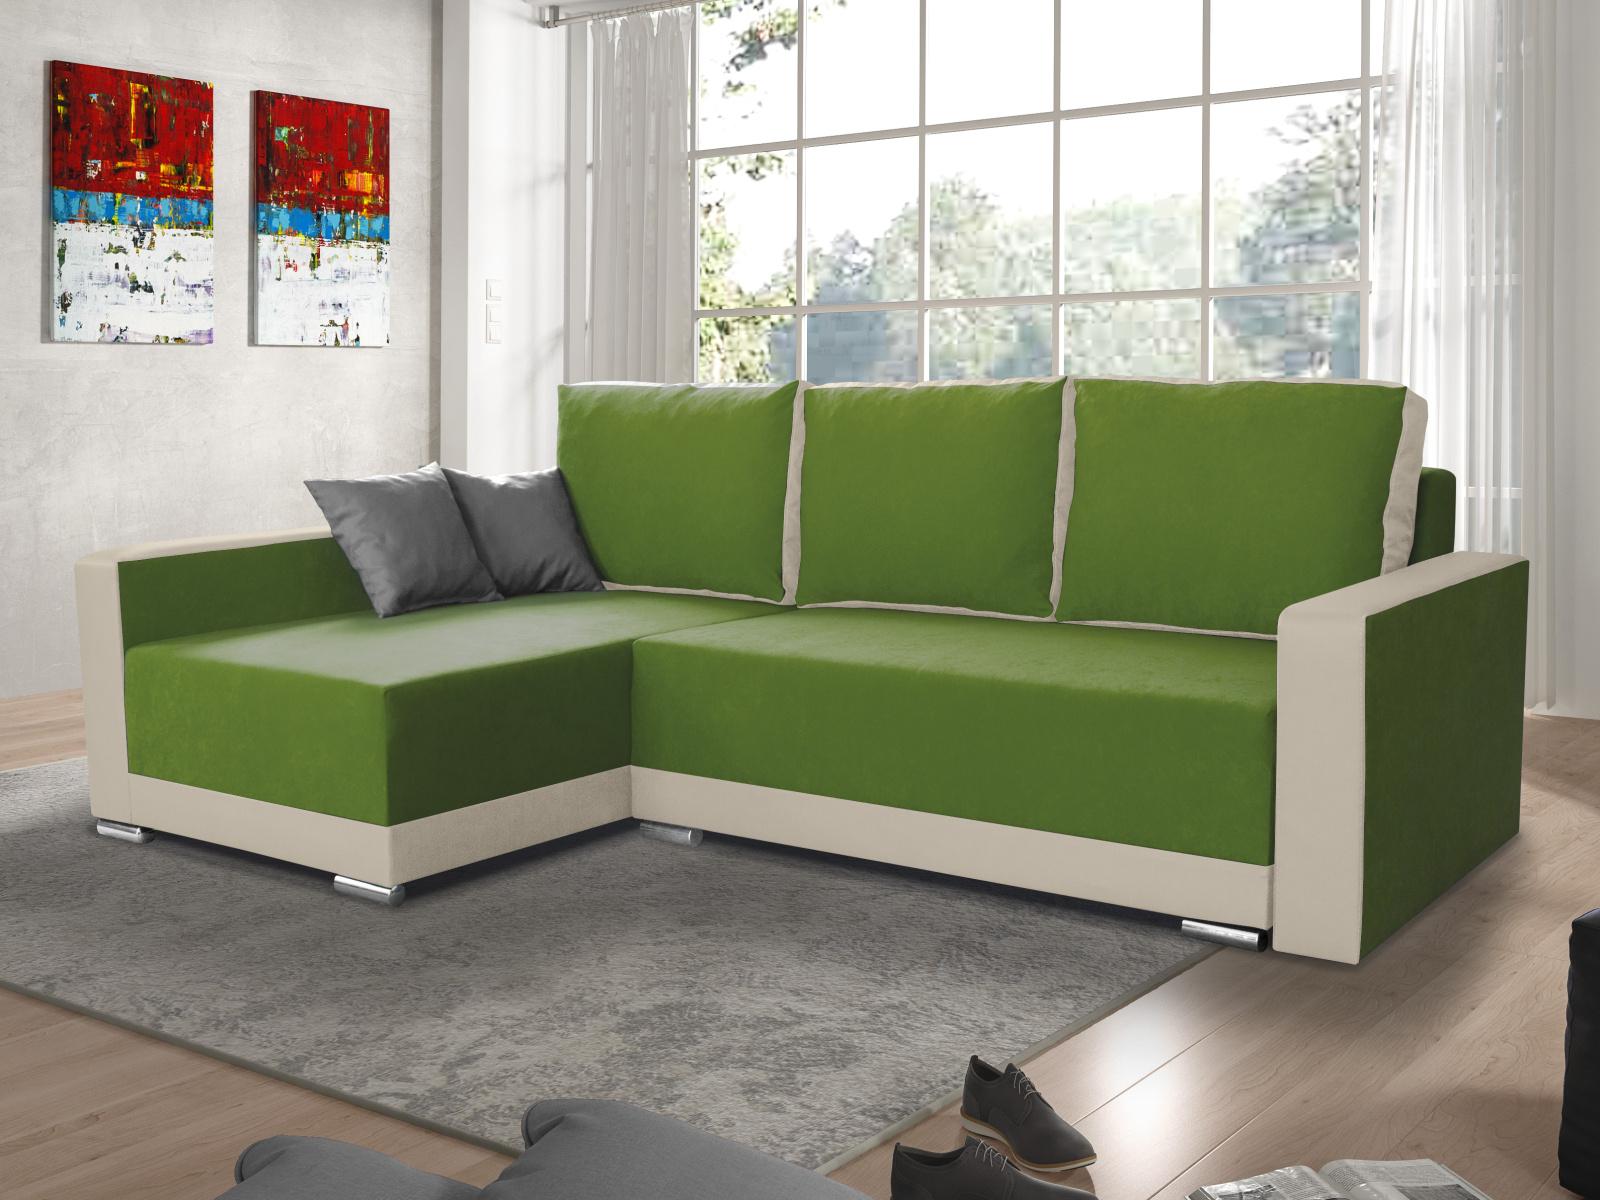 Smartshop Rohová sedačka EDEN 8 levá, zelená látka/krémová ekokůže